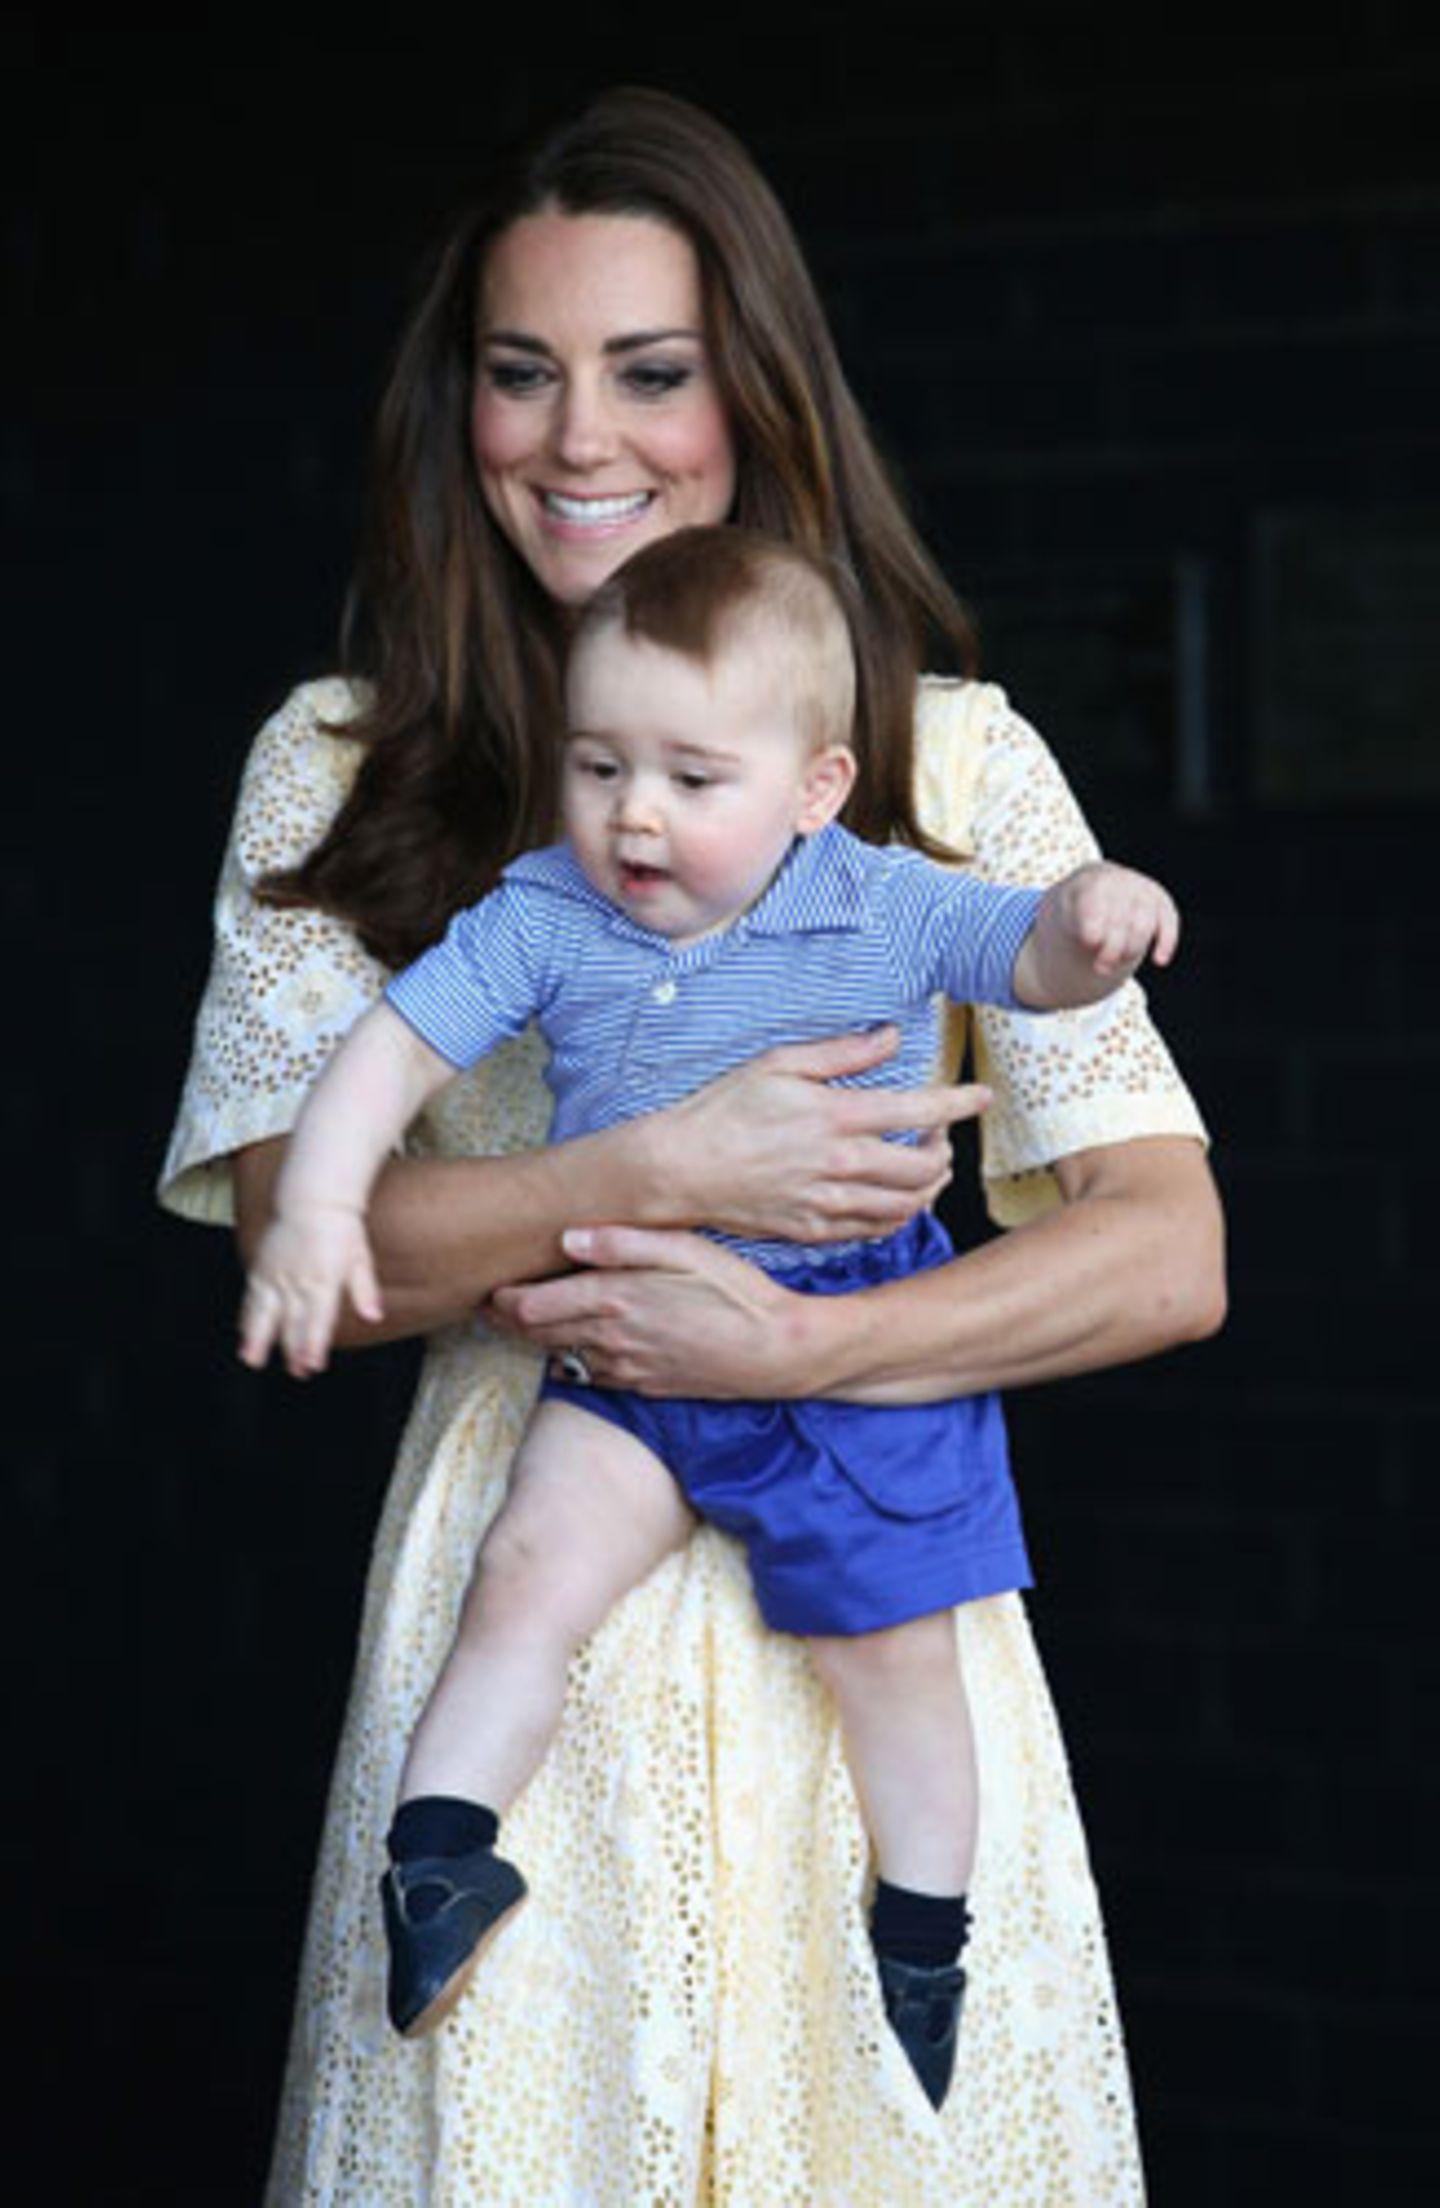 Sie werden so schnell groß. Englands Royal Baby, das am 22. Juli 2013 geboren wurde, ist schon über ein Jahr alt. Alt genug, um sportlich elegante Kombinationen aus kleinen Ringelhemden und blauen Hosen zu tragen. Der Online-Shop My1stYears.com kürte George jetzt zum bestangezogenen Baby 2014.